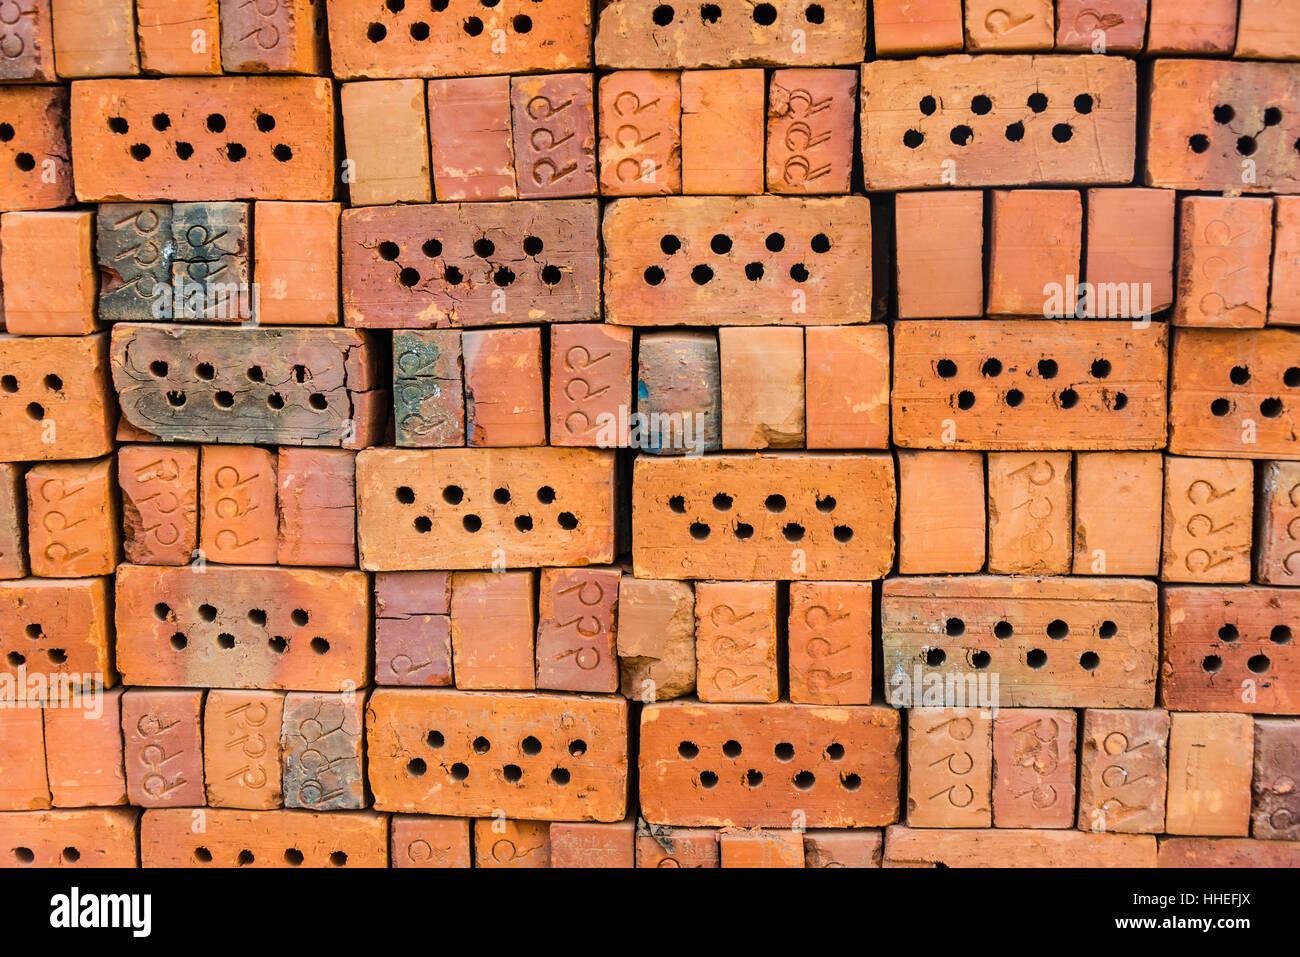 Red bricks, full-frame, Myanmar - Stock Image